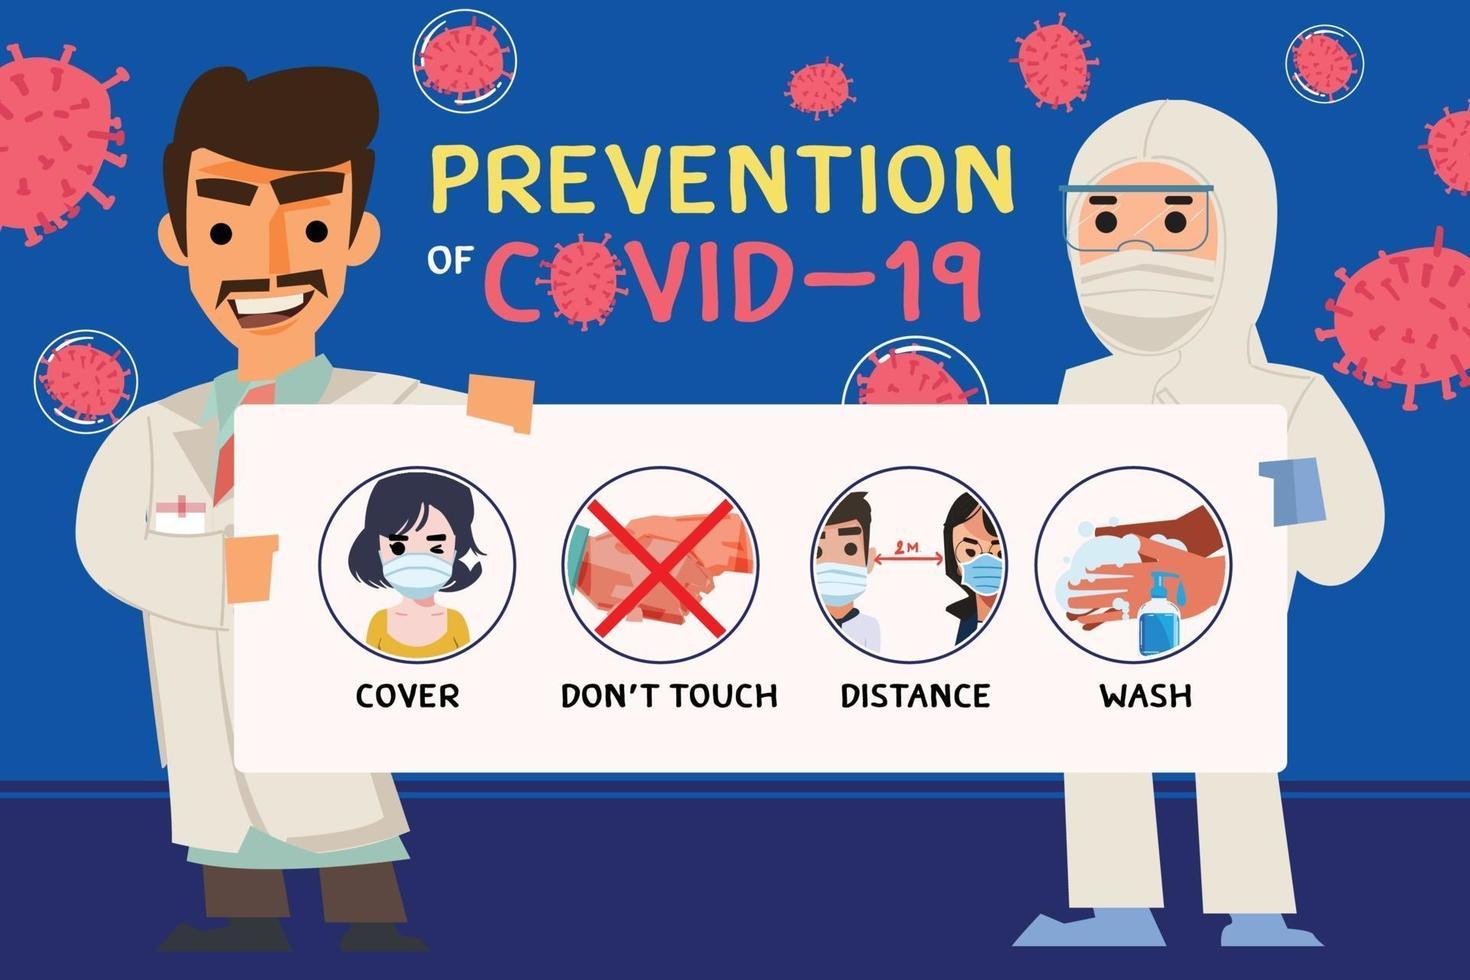 läkare som håller informationspapper med tips om förebyggande av covid-19 vektor